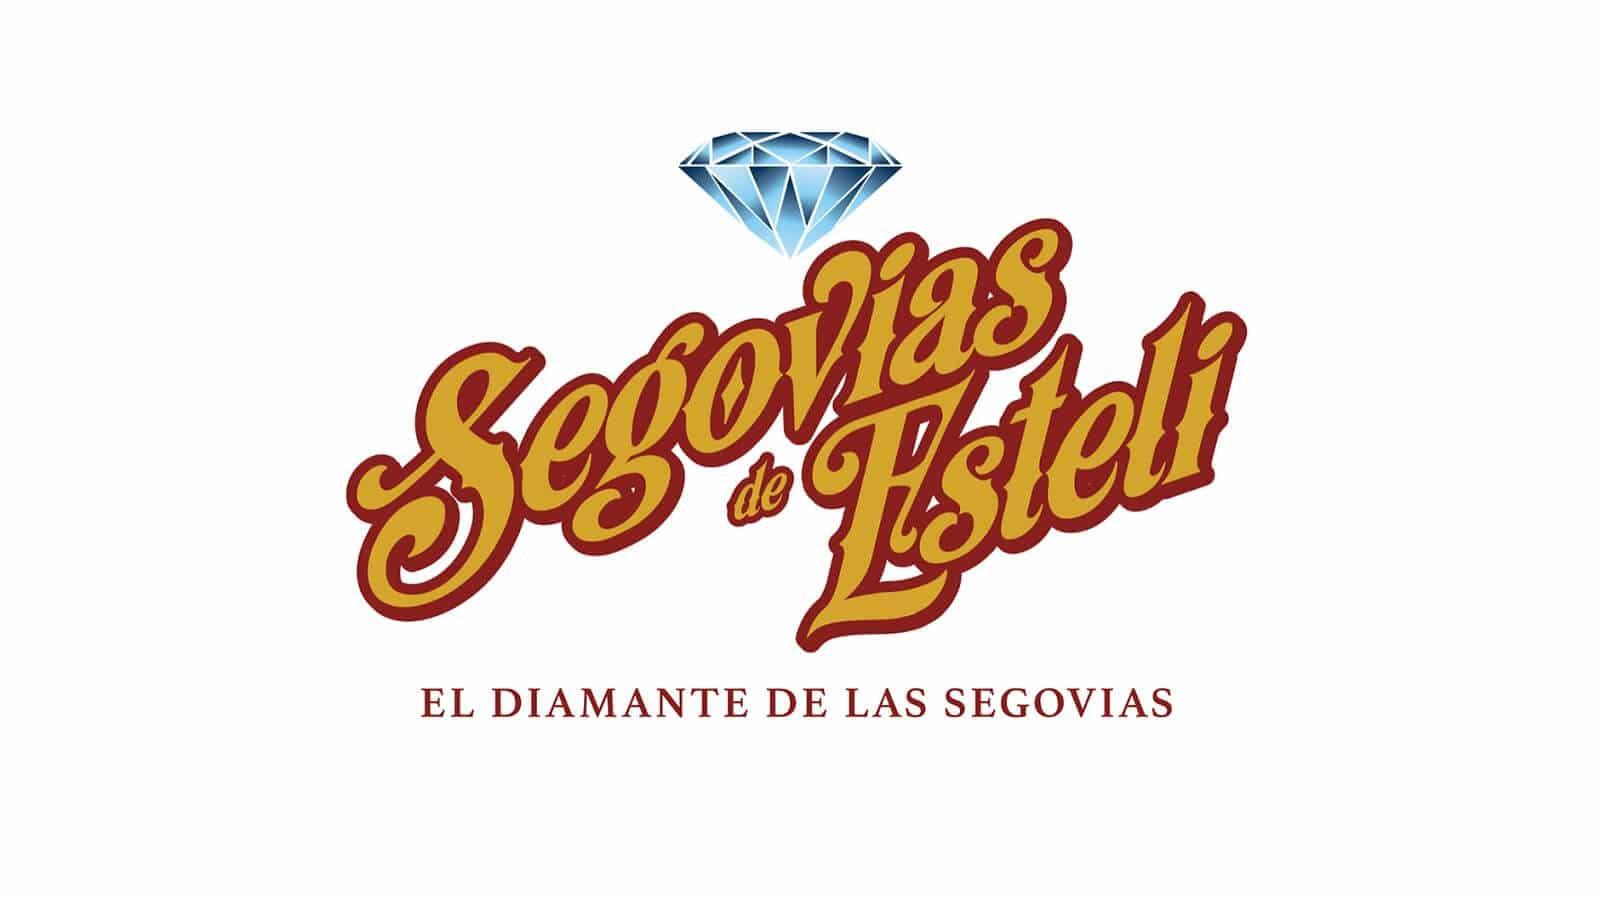 Segovias de Estelí